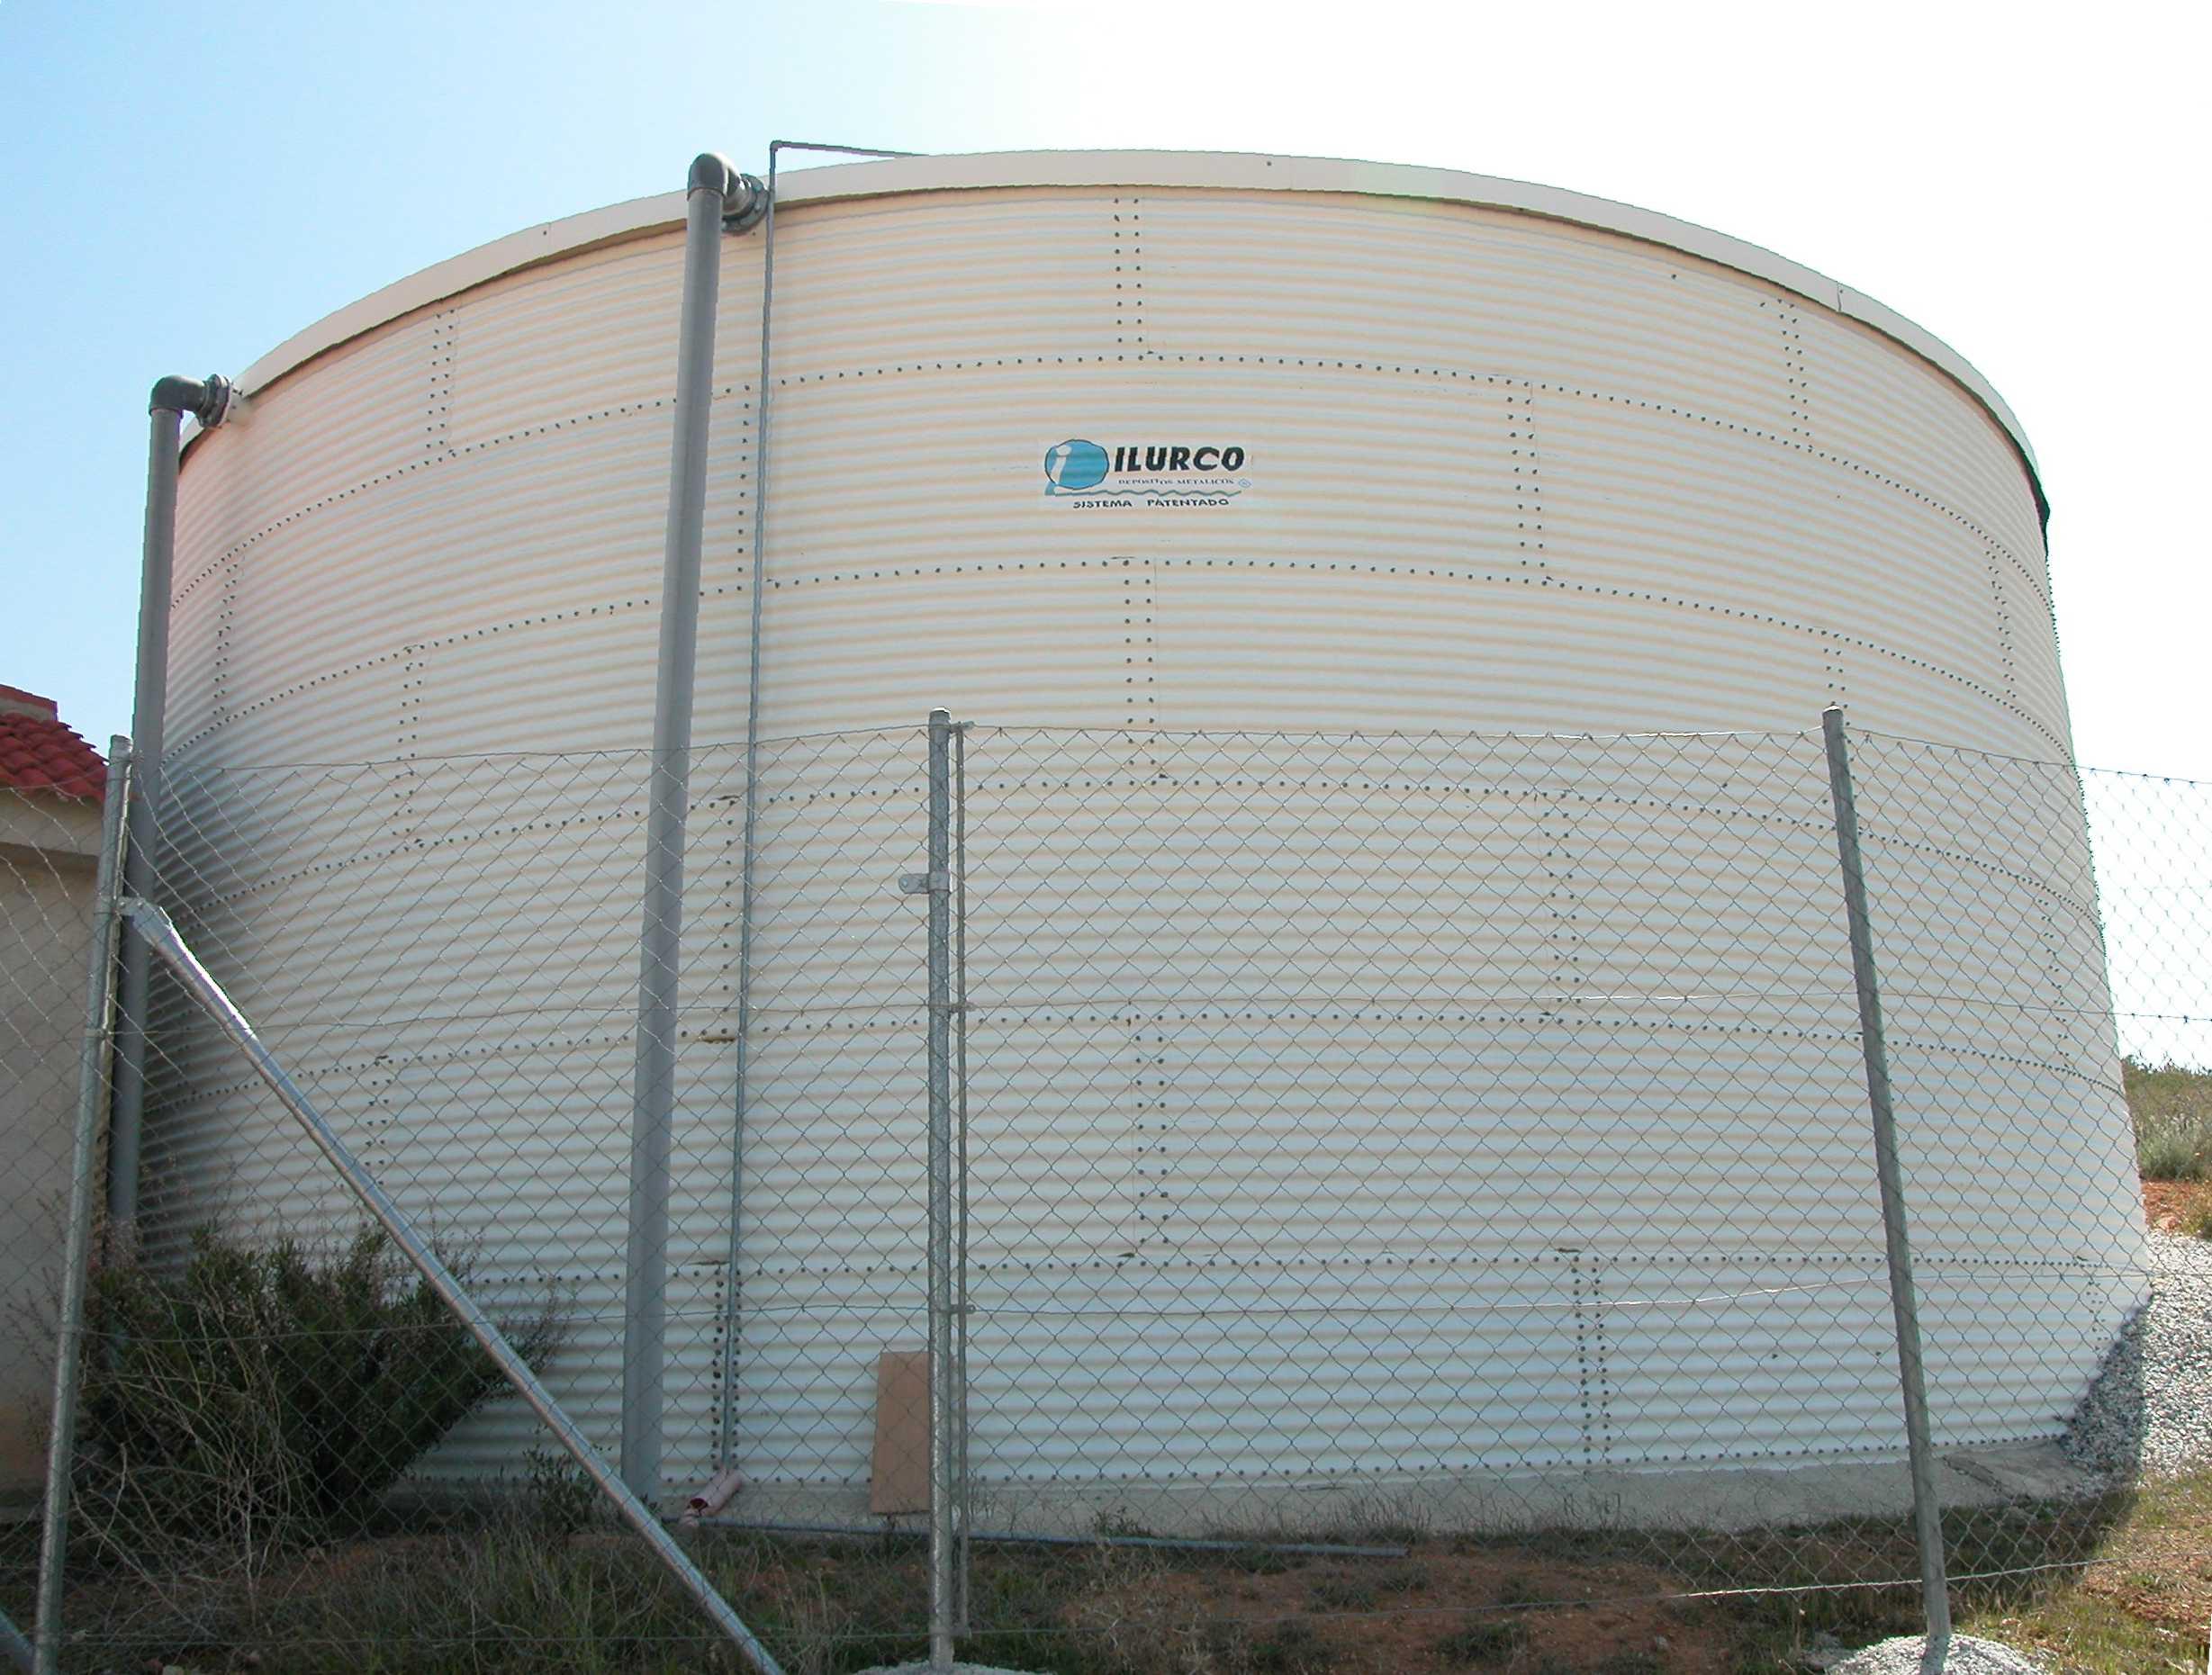 2 depositos para agua potable servicios de ilurco - Depositos de agua potable precios ...